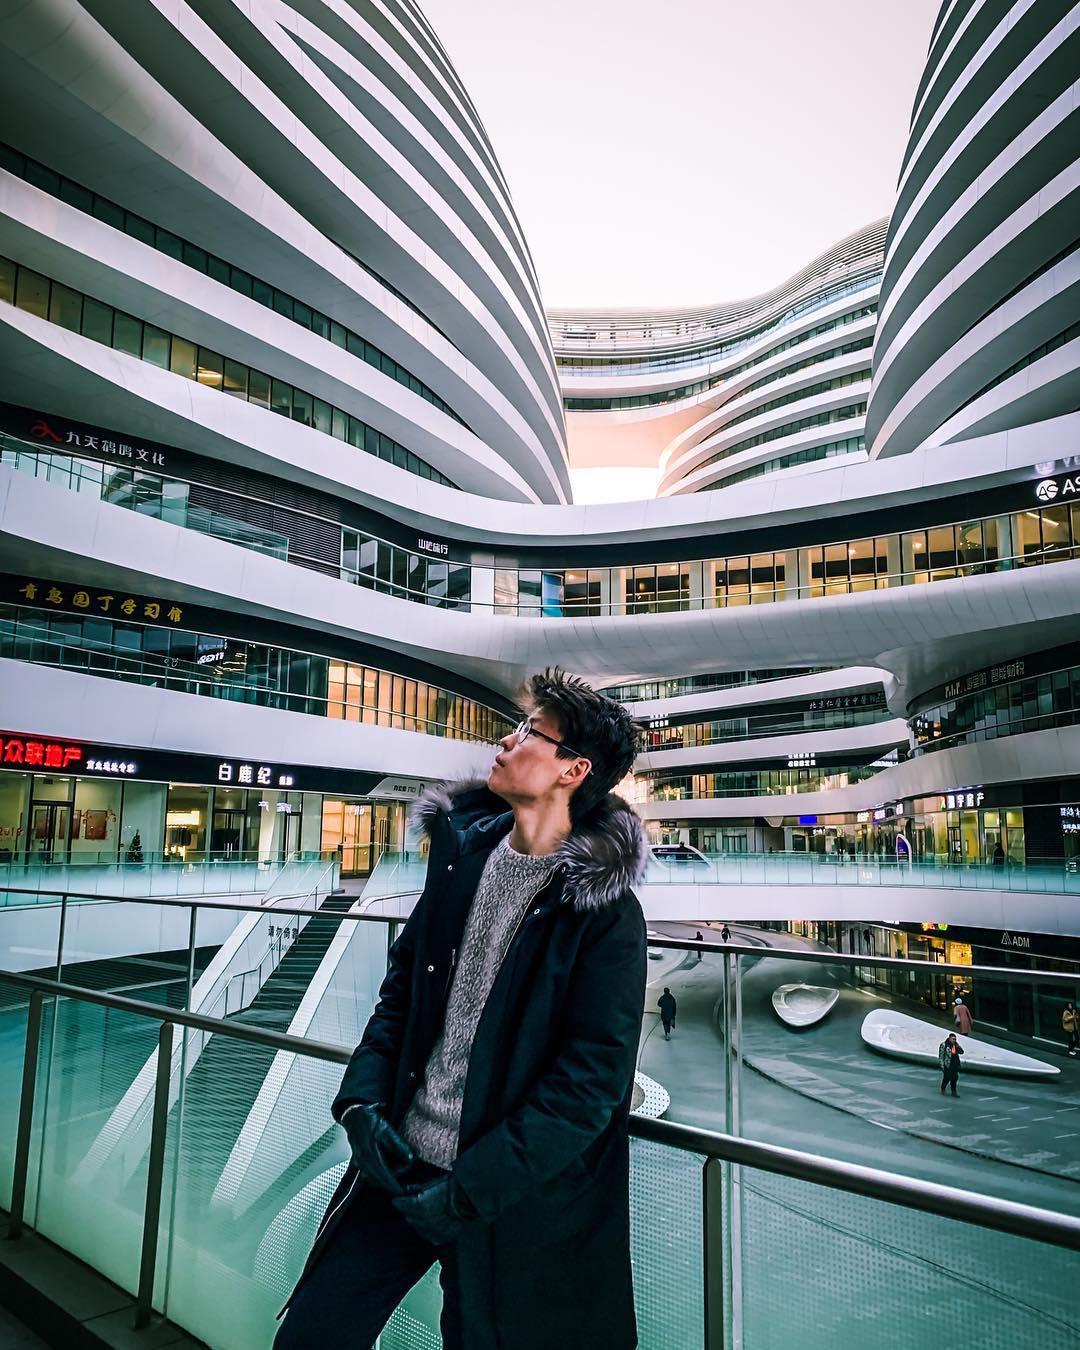 Choáng ngợp trước trung tâm thương mại hình xoắn ốc lên ảnh siêu ảo từng gây tranh cãi khắp Trung Quốc - Ảnh 20.